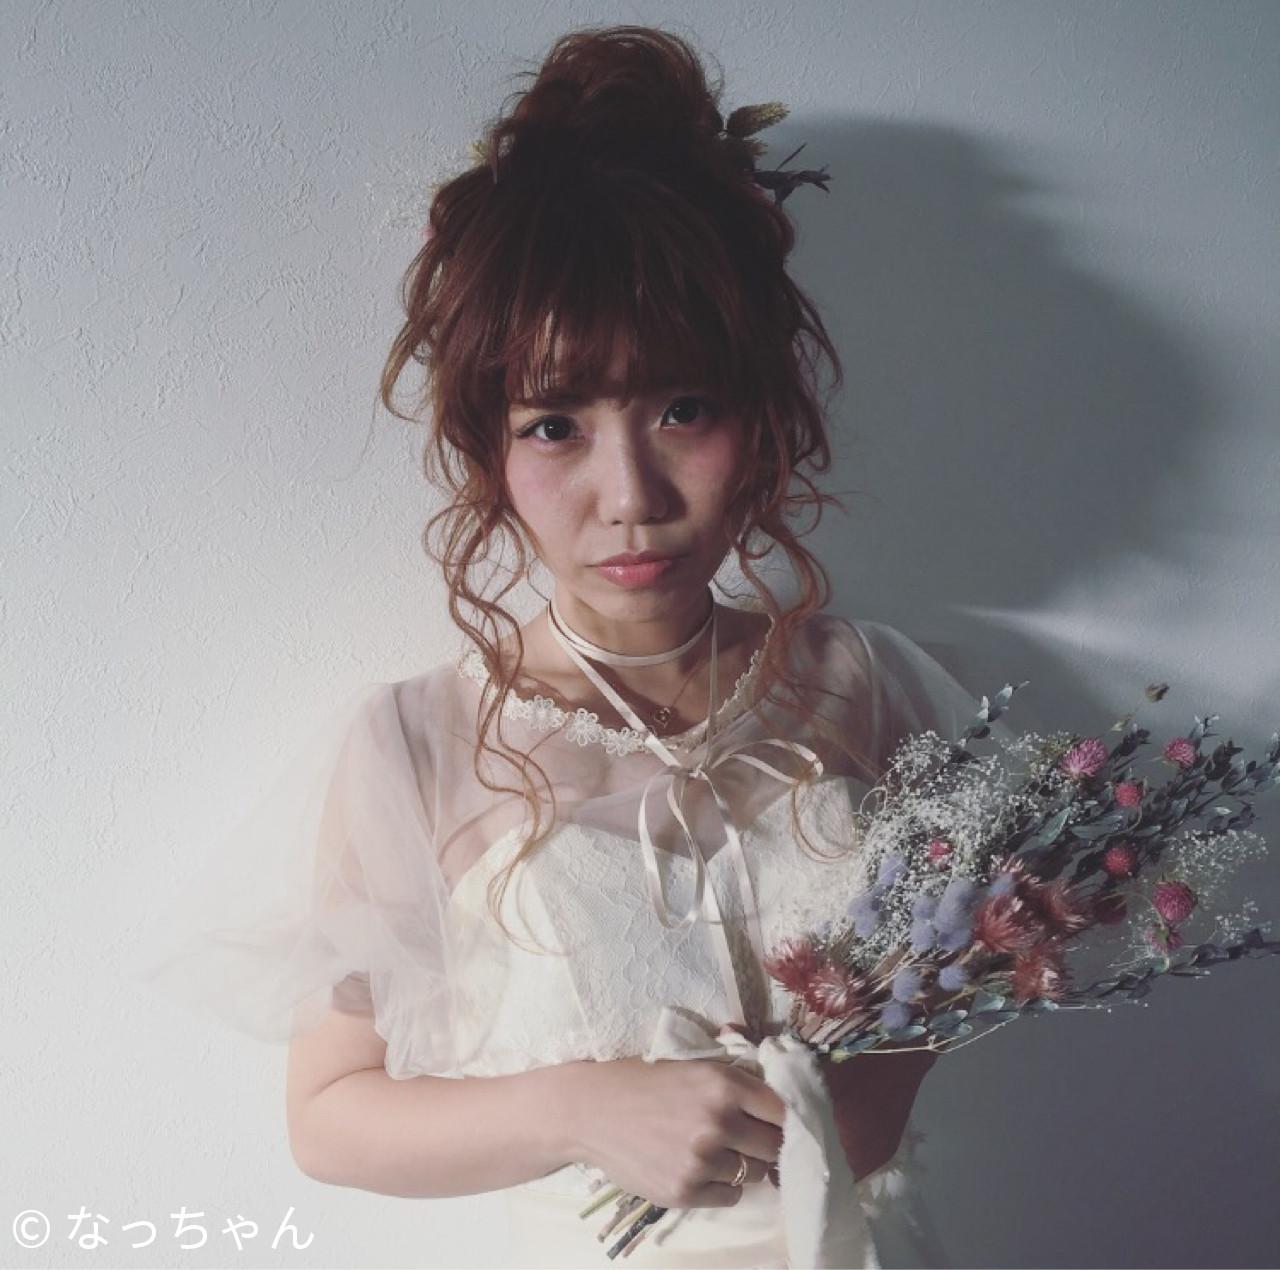 セミロング 花嫁 お団子 ブライダル ヘアスタイルや髪型の写真・画像